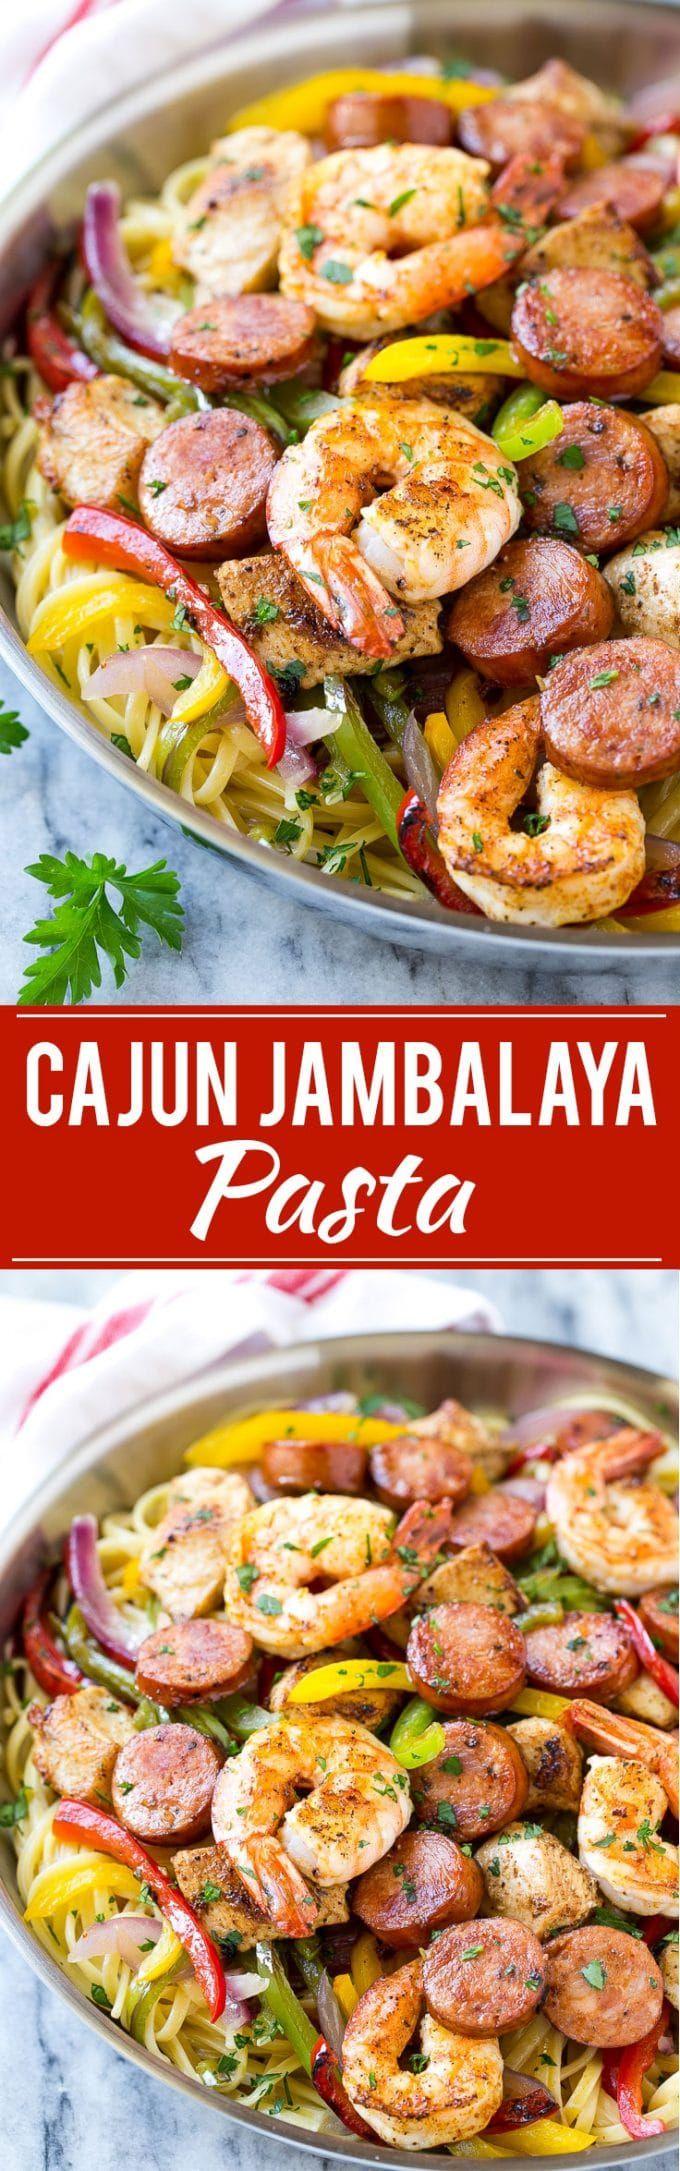 Cajun Jambalaya Pasta Recipe   Cajun Pasta   Easy Jambalaya Recipe   Easy Jambalaya   Best Jambalaya Recipe   Best Cajun Jambalaya